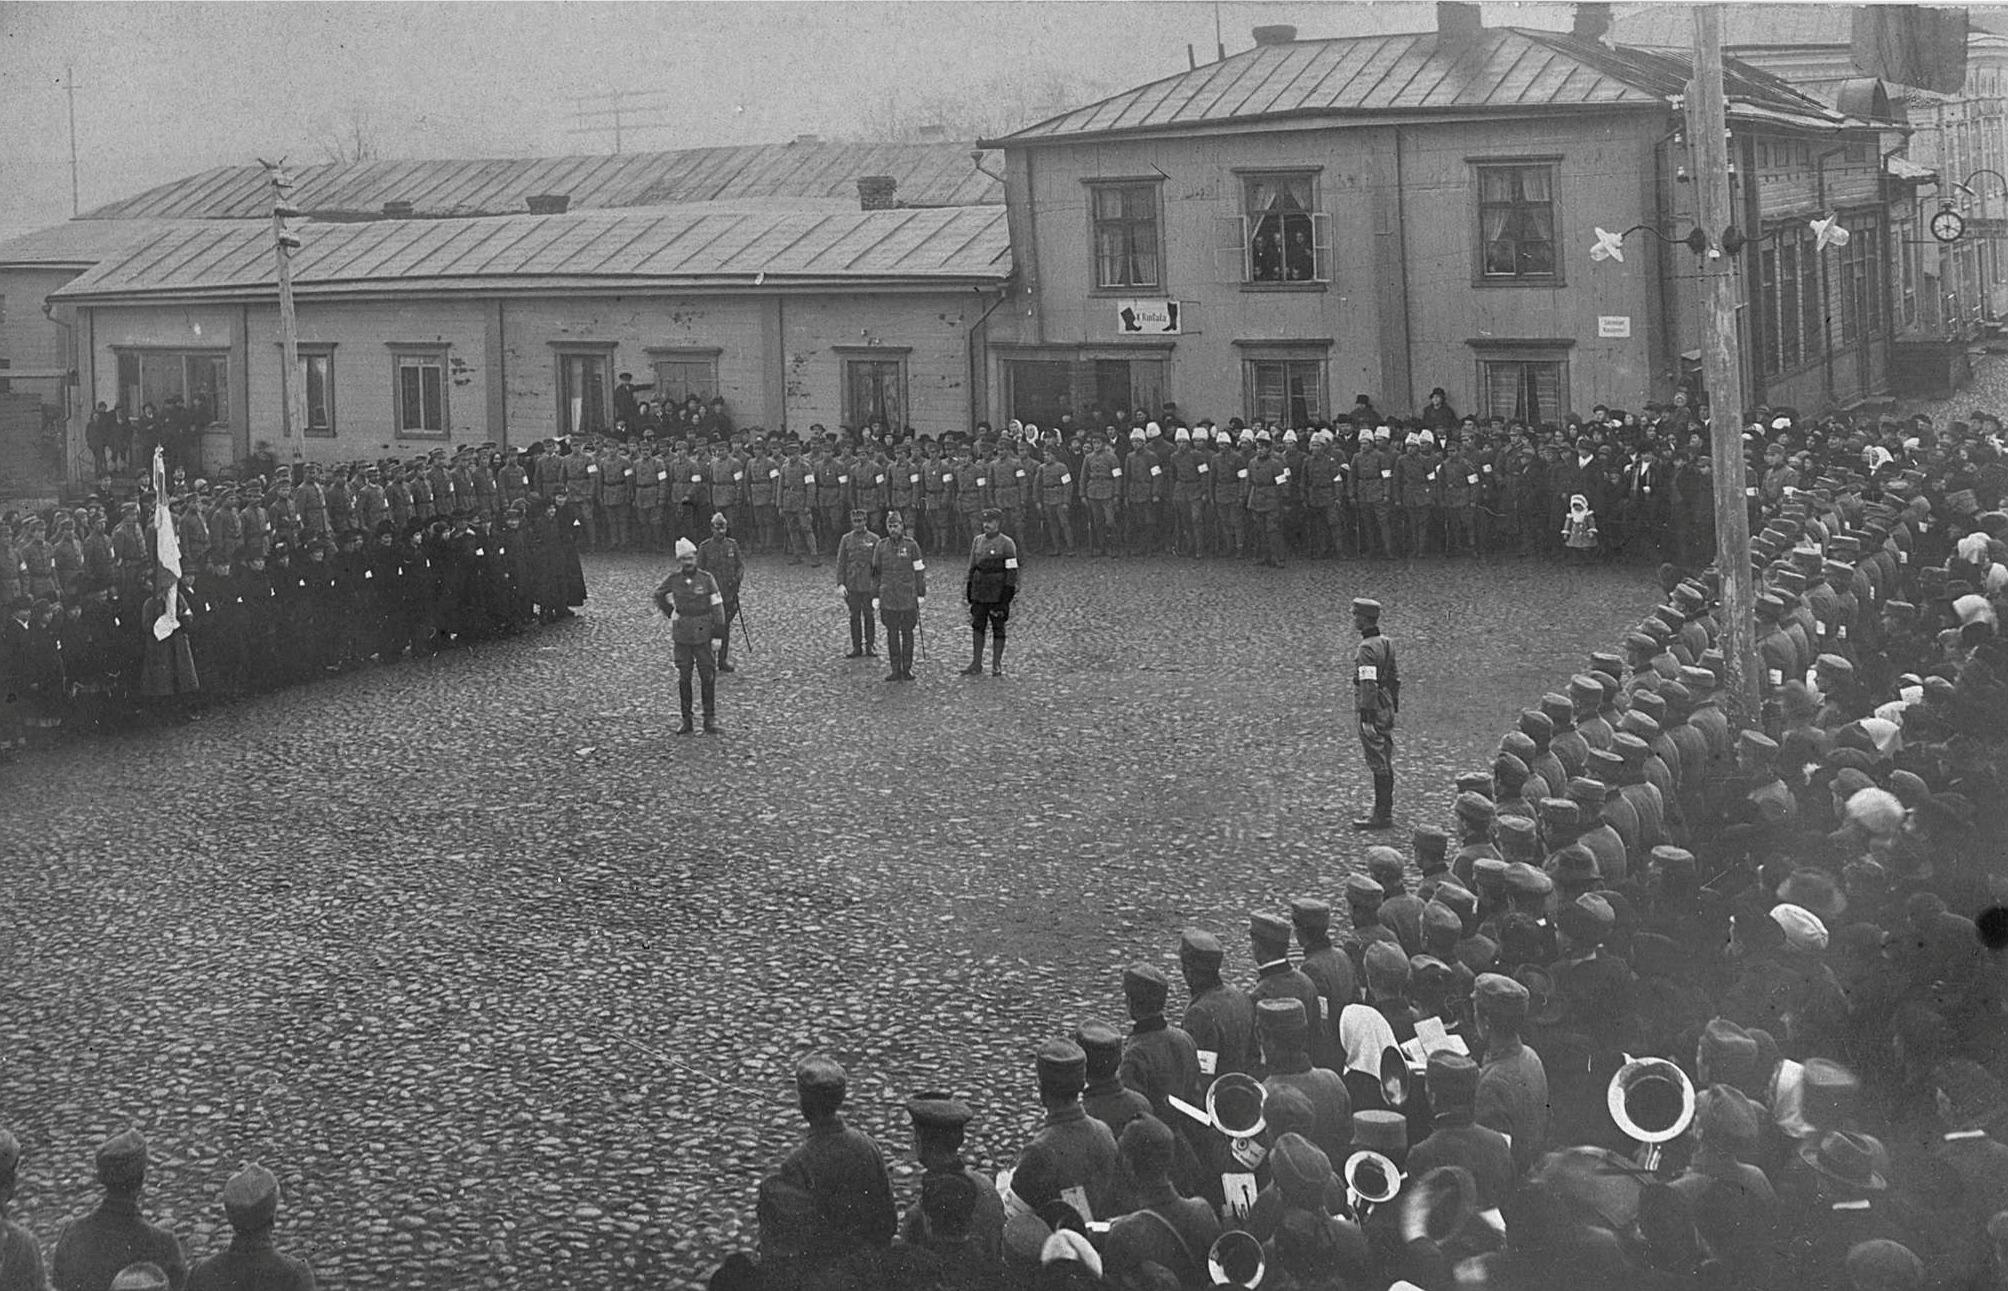 Gustav Mannerheim mönstrade skyddskårstrupperna som var samlade på Salutorget den 21 november 1920. I bakgrunden Svenska gården och troligtvis är det direktören för Ab Pärusfors Viktor Nylund med sin familj som syns i det öppna fönstret.